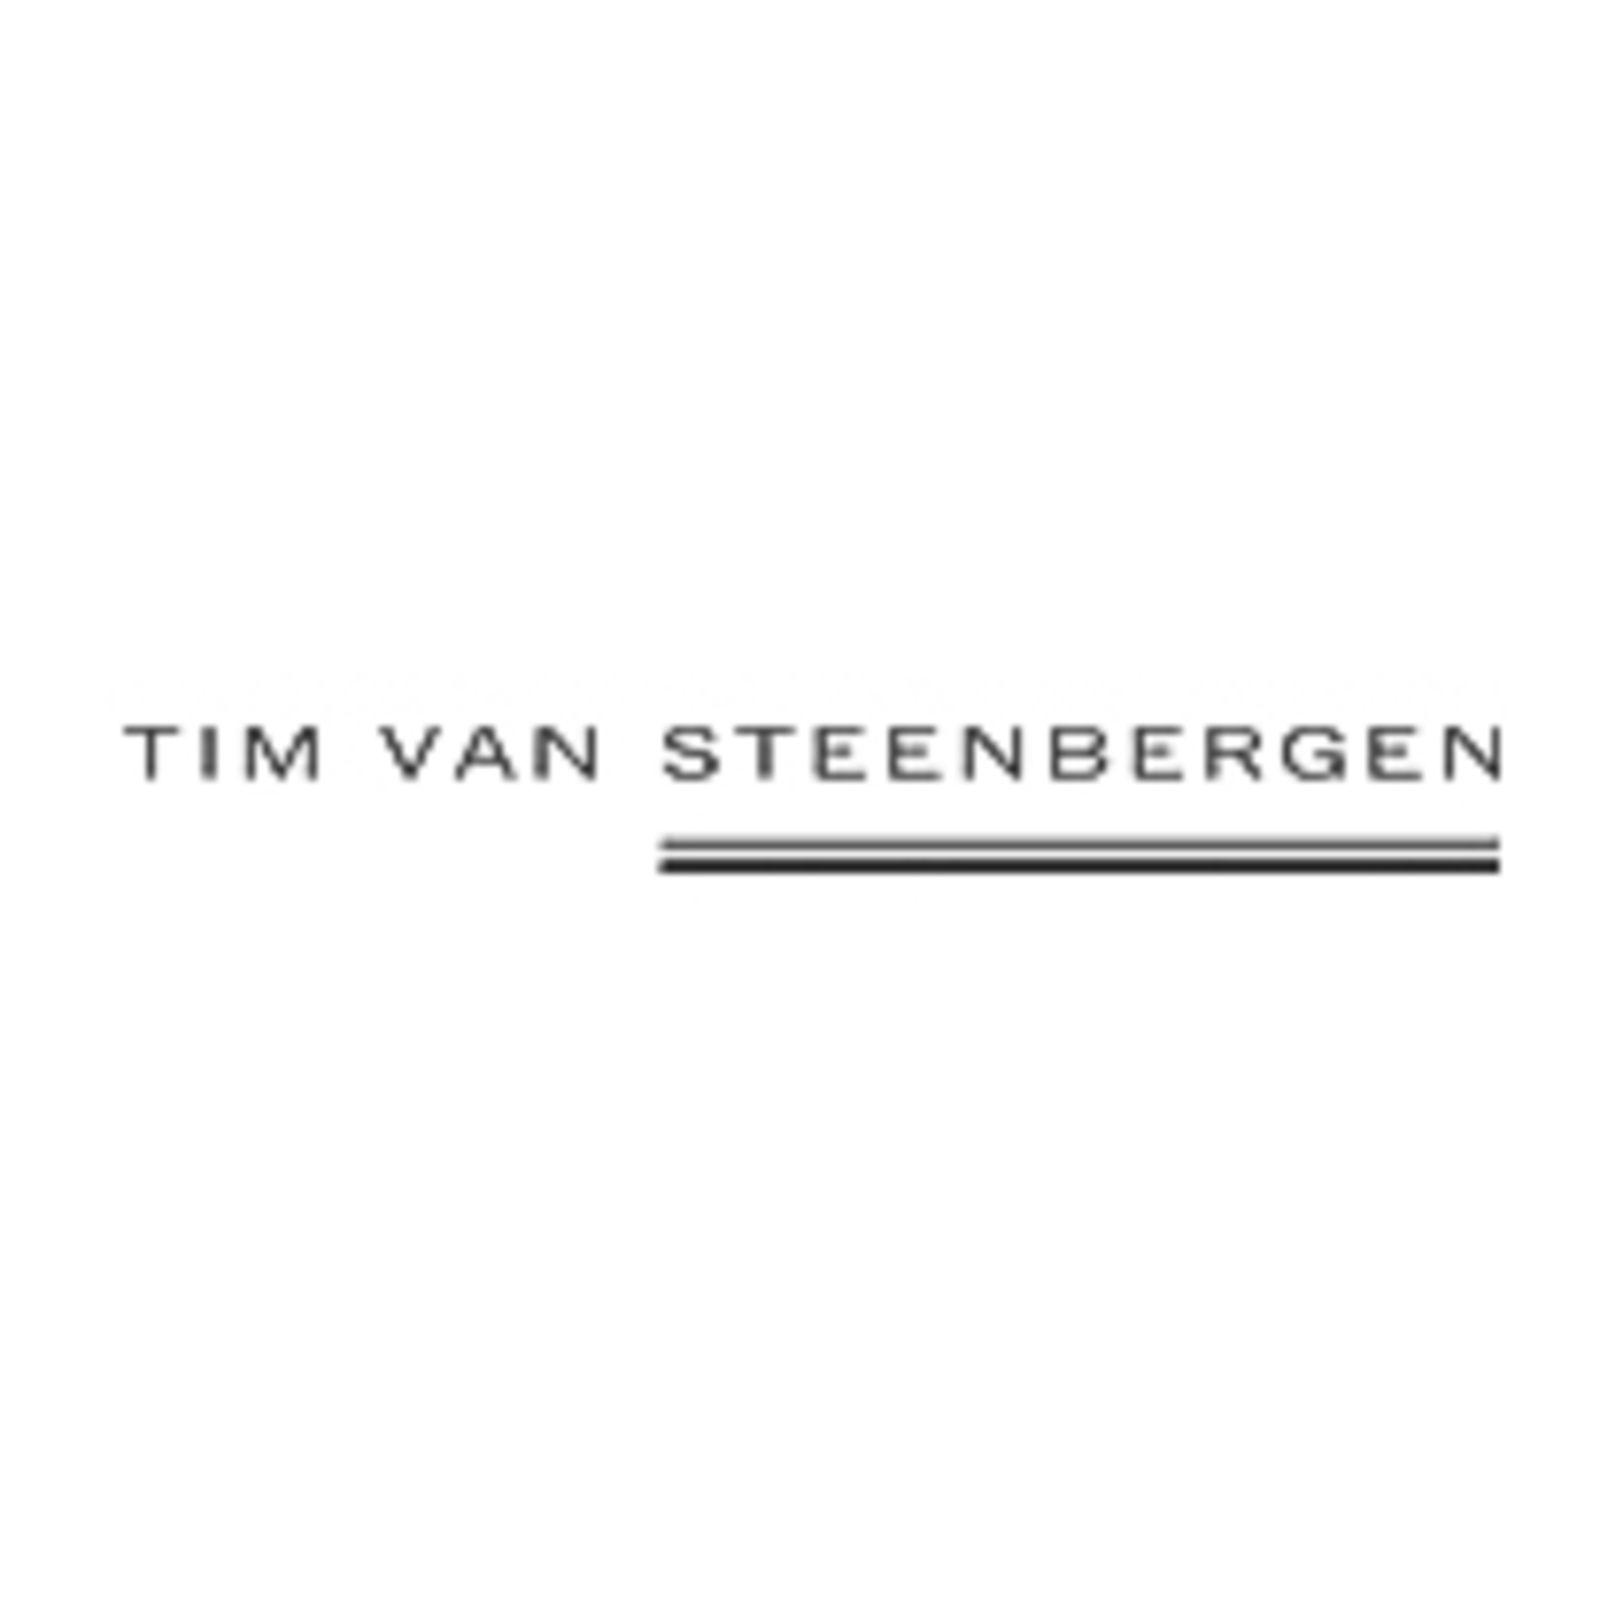 TIM VAN STEENBERGEN (Bild 1)